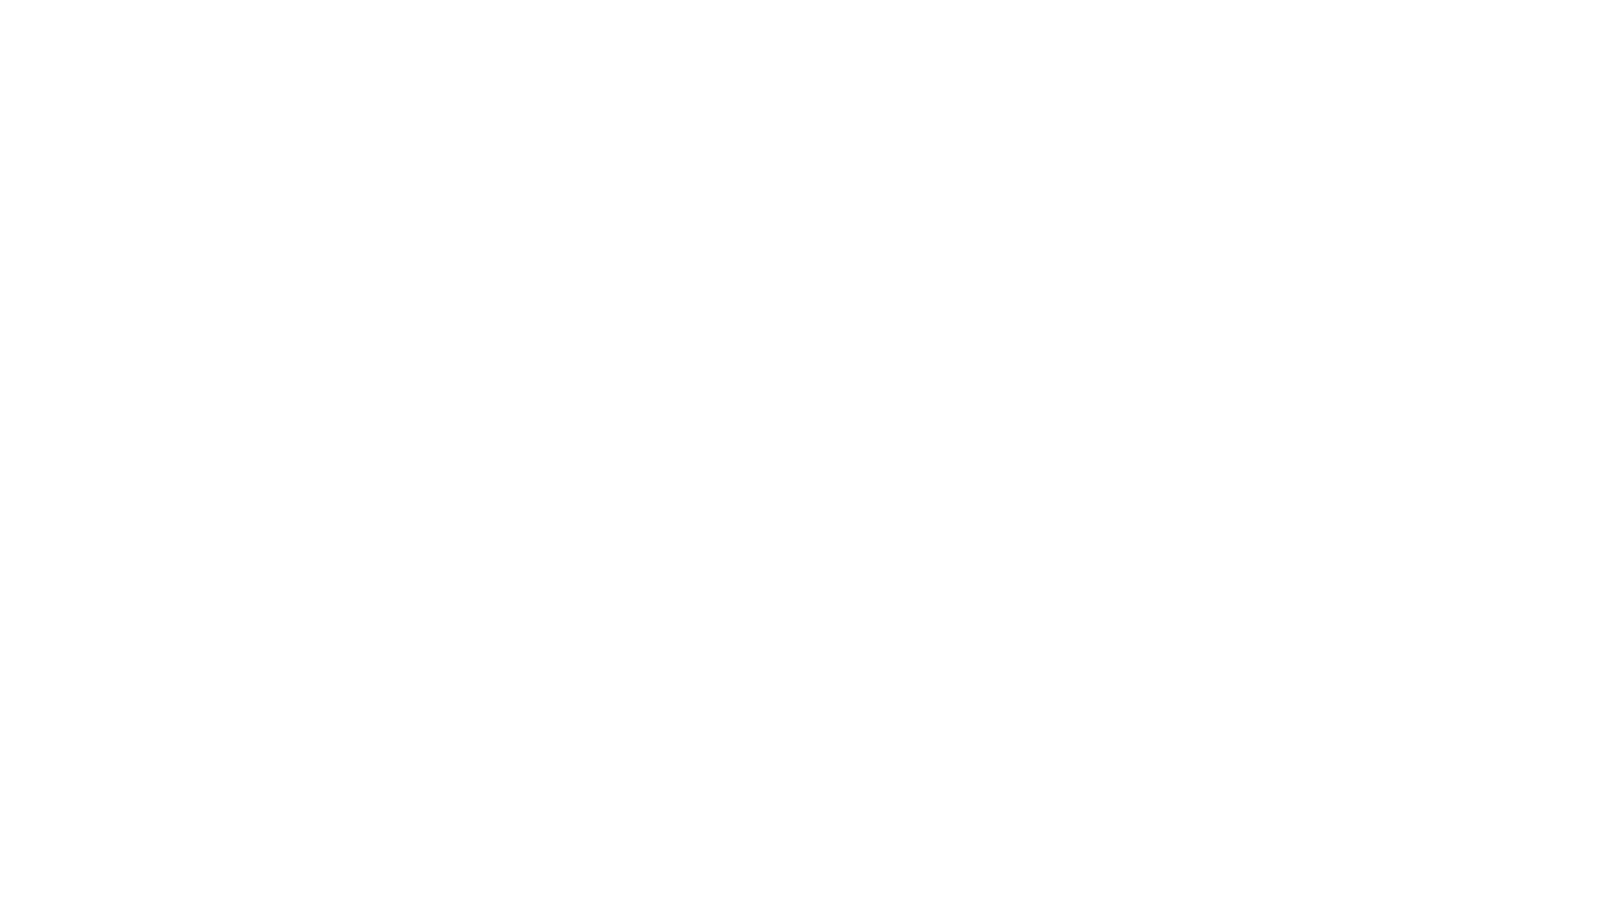 """Dialogo con Chantal Meloni (Professoressa Associata di Diritto Penale International Criminal Law - Università degli Studi di Milano) nell'ambito del ciclo di incontri """"Alla ricerca della Pace Giusta"""".  Martedì 6 luglio alle ore 13.30  ***  Palestina – Israele: incontri per conoscere la storia di un conflitto.  Ogni Martedì, dalle 13:30 alle 14:00, a partire dal 6 Aprile.  La Rete italiana Pace e Disarmo incontra giornalisti, attivisti, esperti che ci possono aiutare a capire meglio la realtà dei fatti e come percorrere la strada della pace giusta e della convivenza tra palestinesi ed israeliani. A partire dai contenuti della Dichiarazione finale dell'evento collettivo di novembre 2020: """"Riconoscere lo Stato di Palestina, pace giusta tra Israele e Palestina""""."""